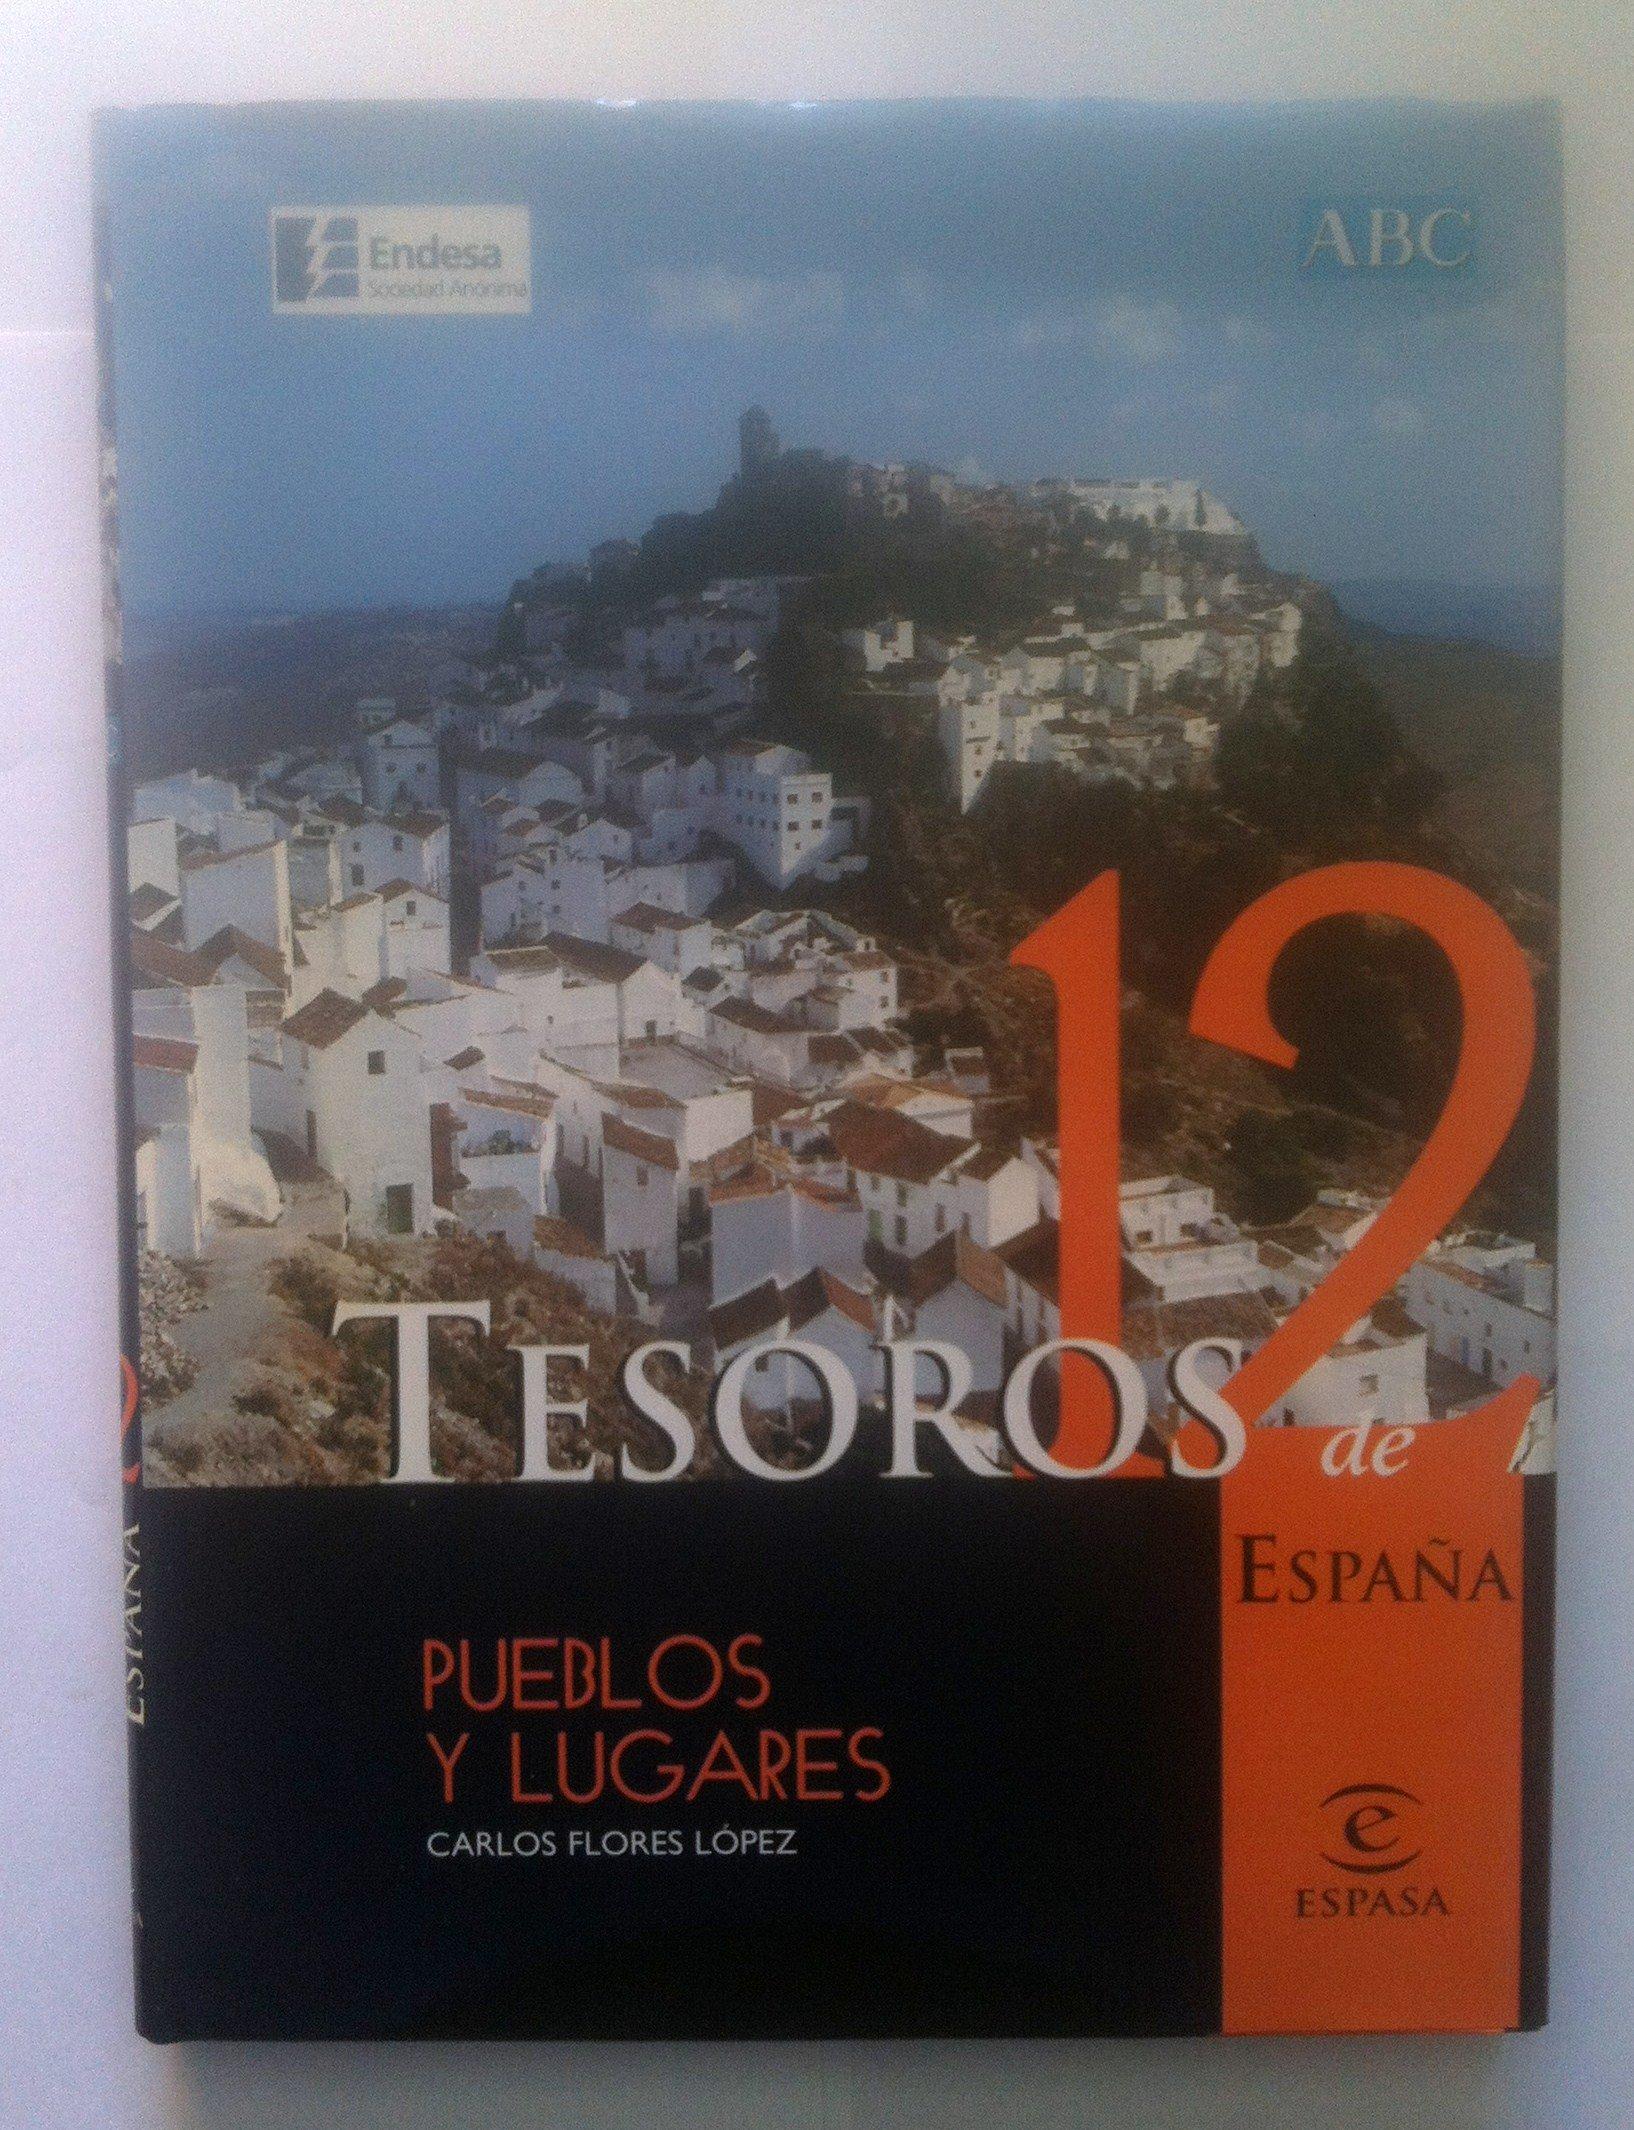 TESOROS DE ESPAÑA 12. PUEBLOS Y LUGARES: Amazon.es: CARLOS FLORES LOPEZ, Espasa Calpe: Libros